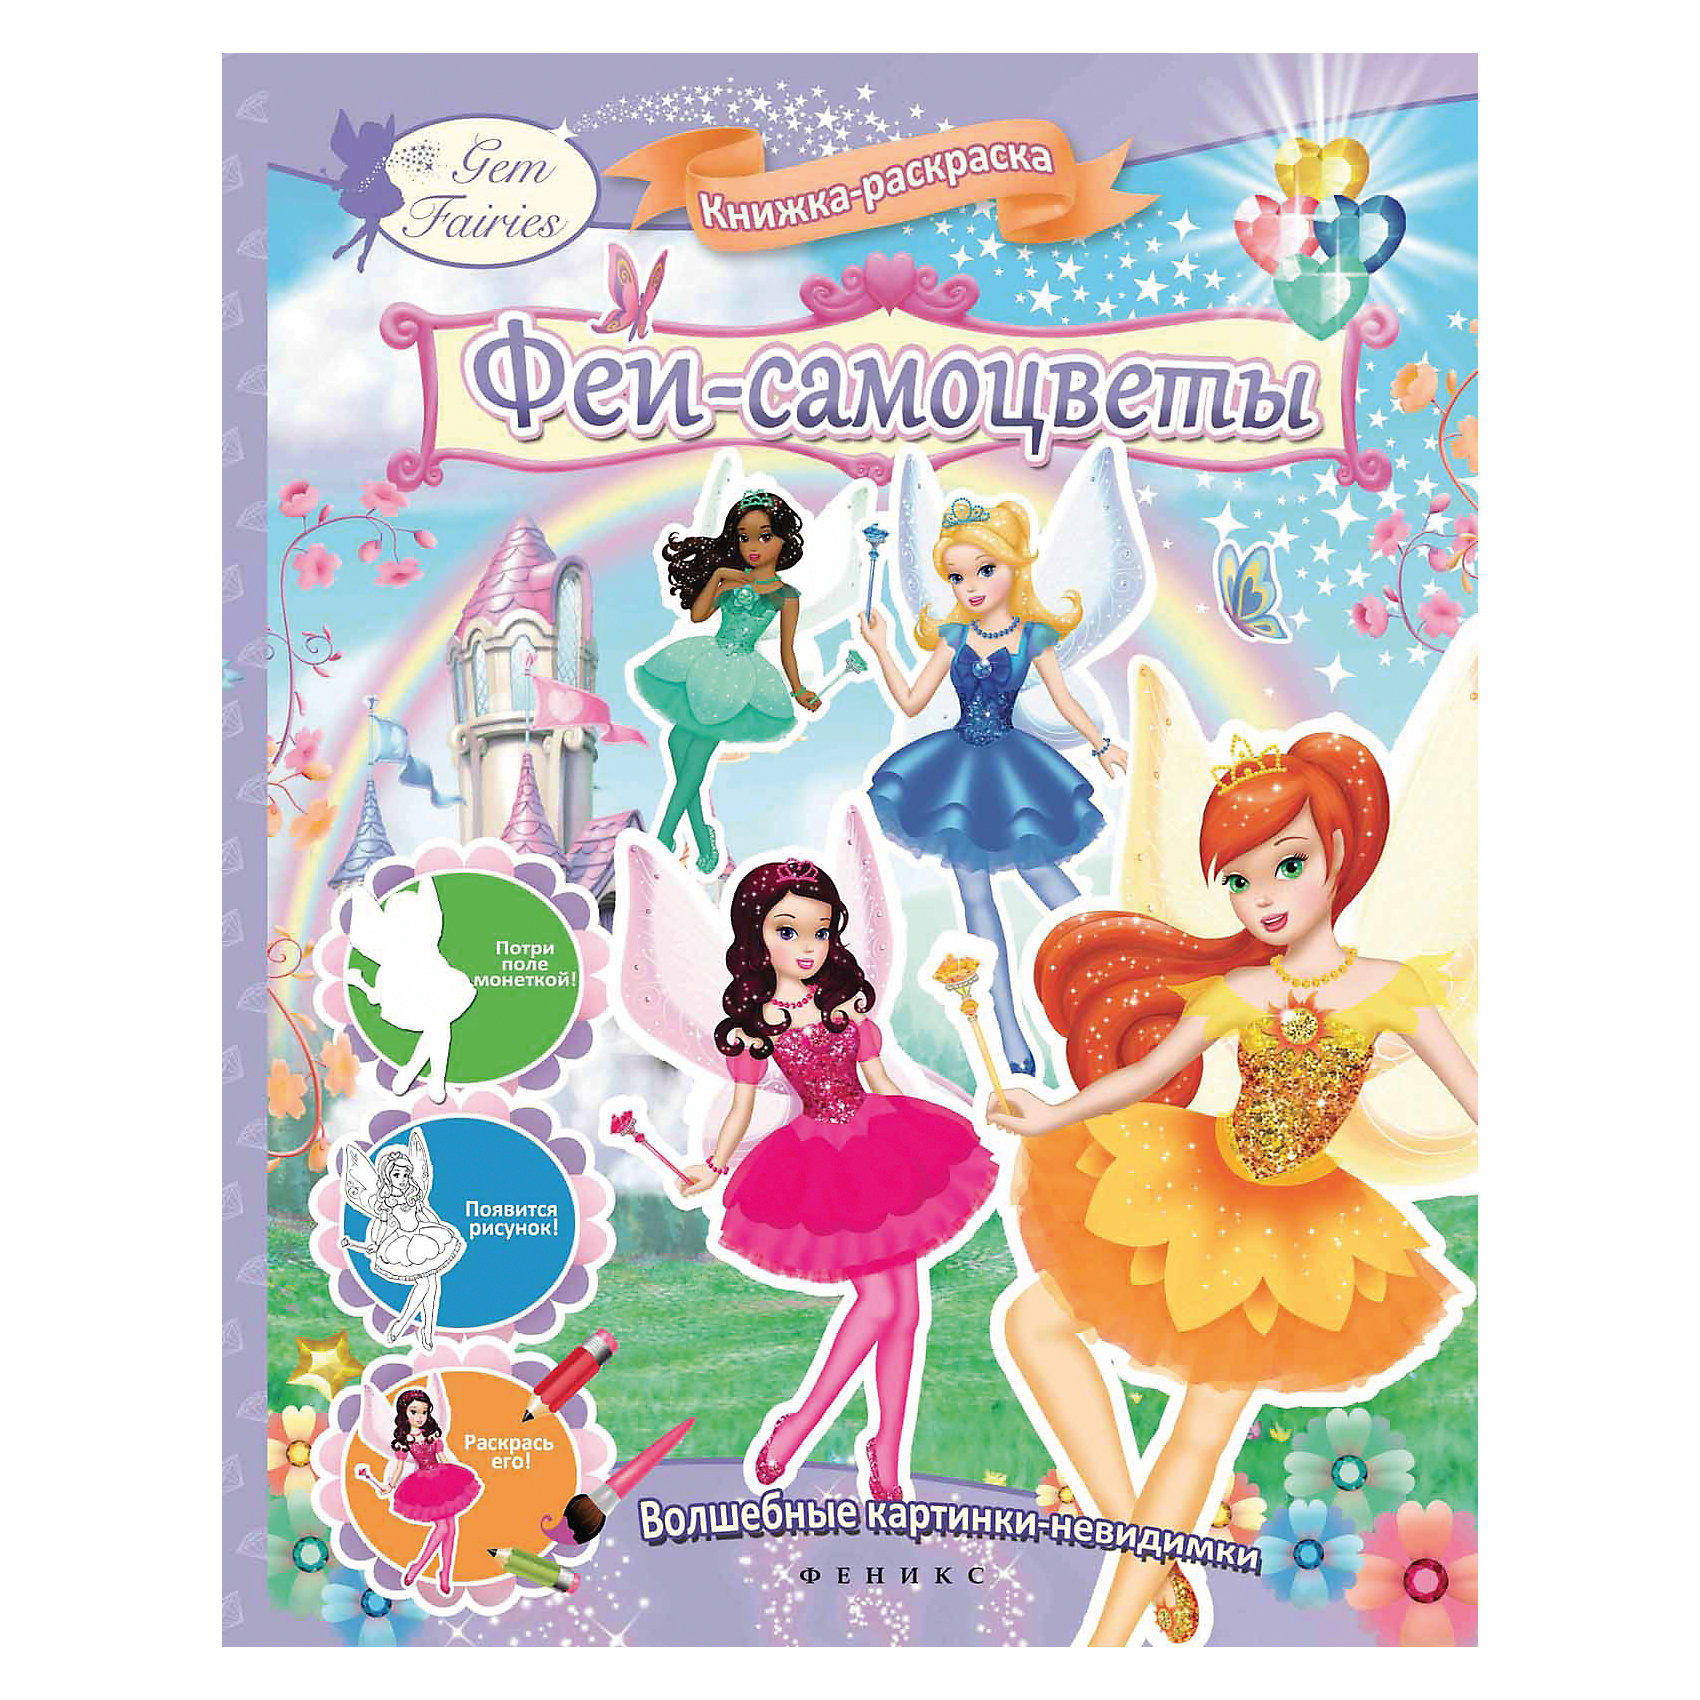 Феи-самоцветы:книжка-раскраскаРисование<br>Gem Fairies - известные во всем мире принцессы, которые умеют превращаться в волшебных фей. Теперь они есть и в России! Развивать мелкую моторику и учиться работать с цветом в компании этих изящных и стильных принцесс<br>занимательно и увлекательно!<br>Это не обычная раскраска, а волшебные картинки-невидимки! В чём их секрет? Потри монеткой белую картинку, и - волшебство! - там появляются контуры раскраски.<br>Принцессы Рубин, Янтарь, Сапфир и Изумруд помогут развить творческие навыки,<br>внимательность и усидчивость и занять ребёнка в течение нескольких часов.<br><br>Ширина мм: 260<br>Глубина мм: 199<br>Высота мм: 1<br>Вес г: 196<br>Возраст от месяцев: 36<br>Возраст до месяцев: 72<br>Пол: Унисекс<br>Возраст: Детский<br>SKU: 5480321